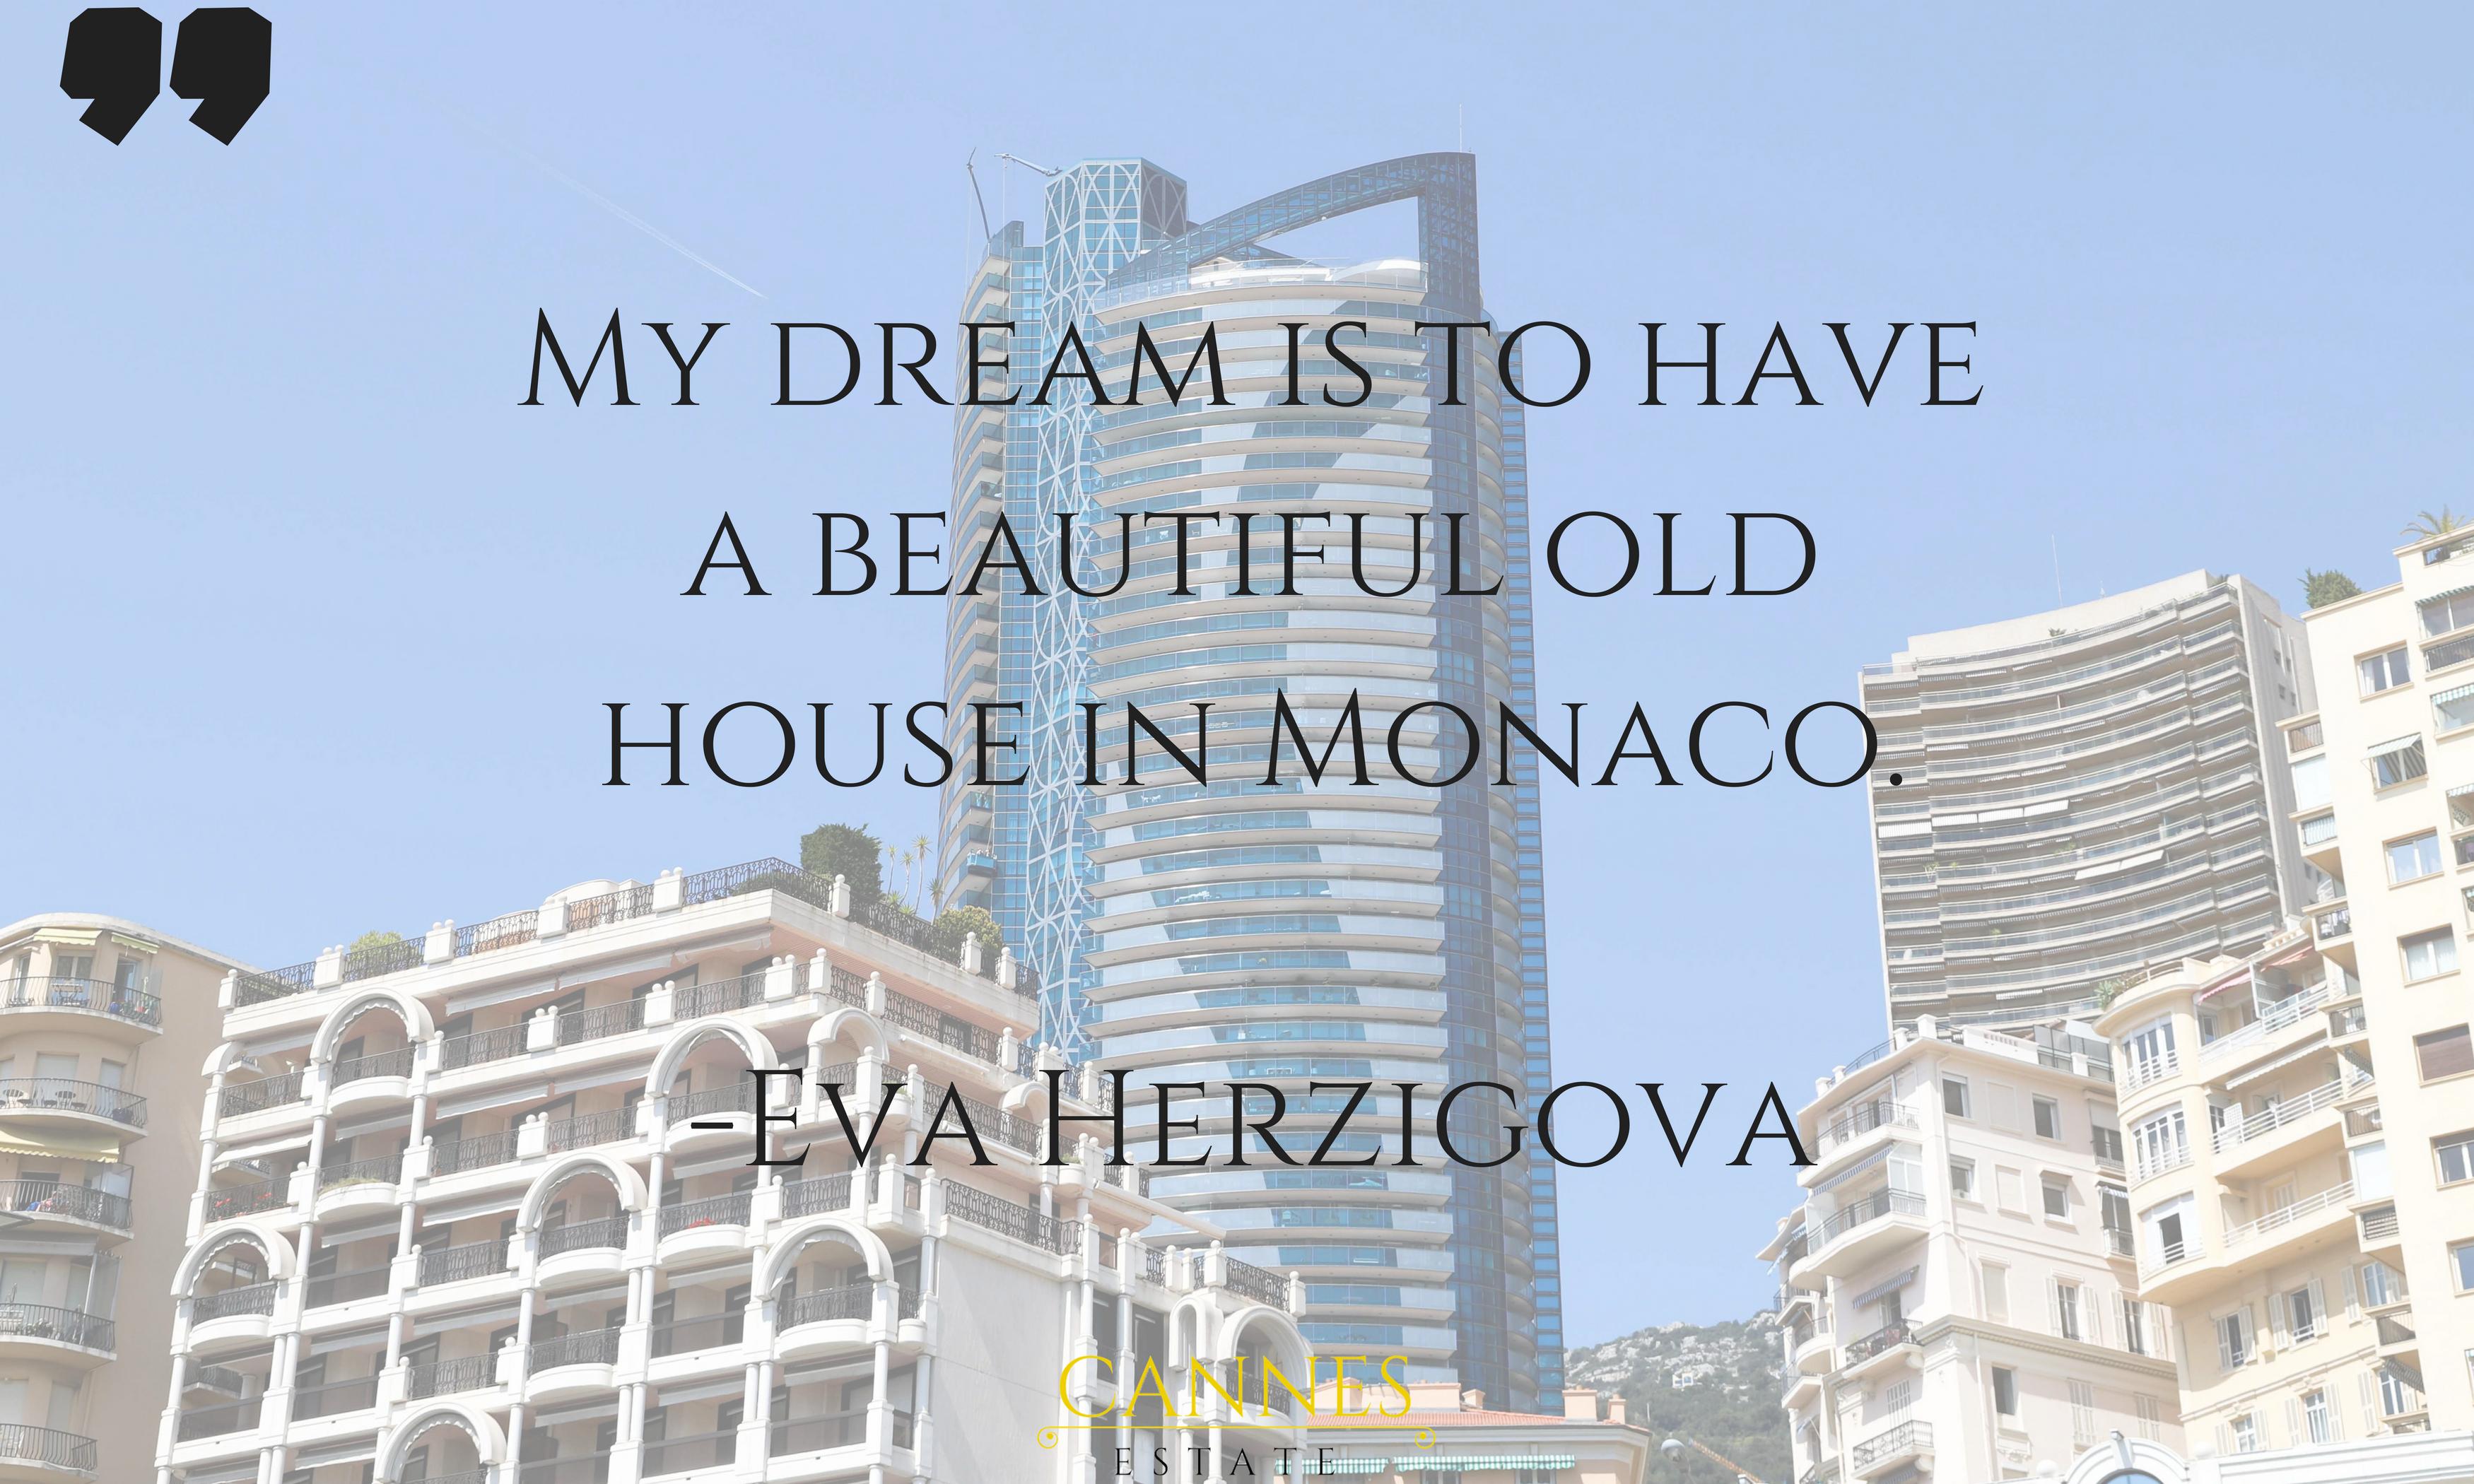 Monaco quotes